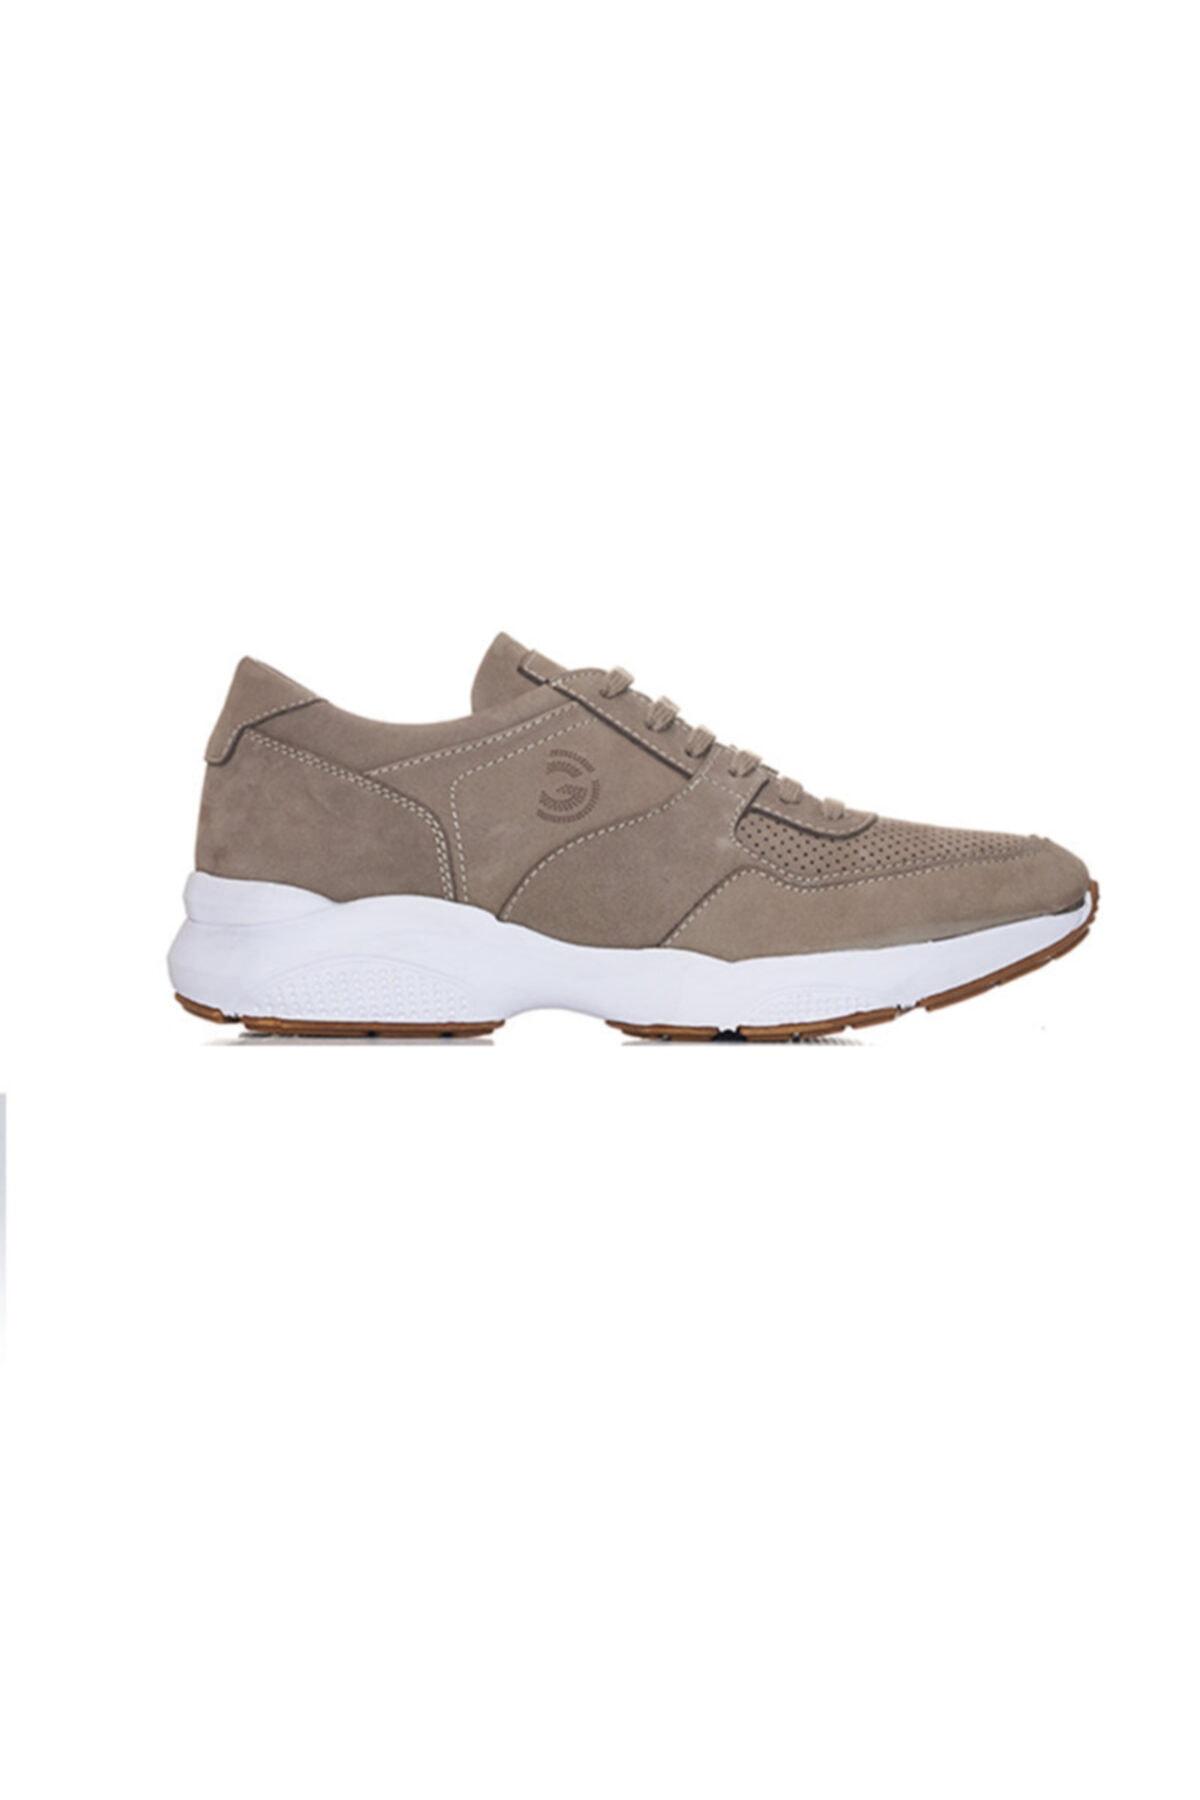 Giovane Gentile Erkek Haki Renk Bağcıklı Ayakkabı 1